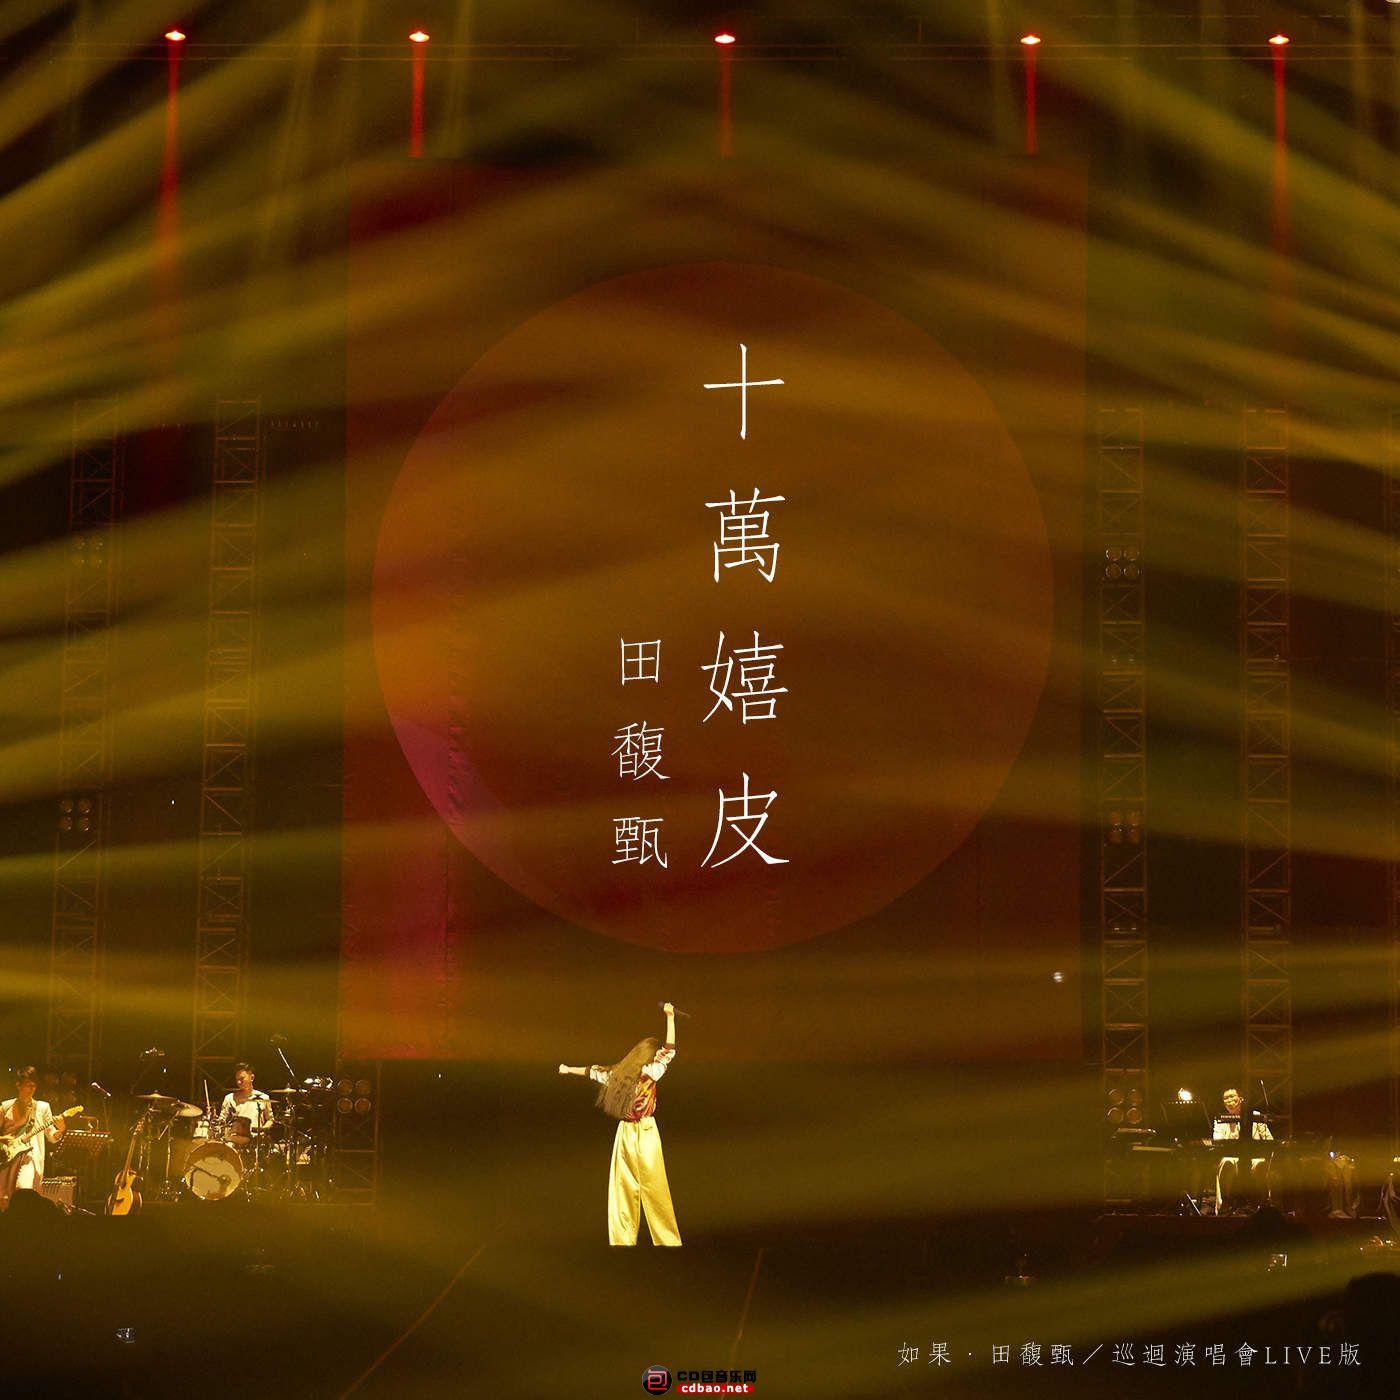 十万嬉皮(如果.田馥甄_ 巡回演唱会Live版) [feat. 田馥甄] - Single.jpg